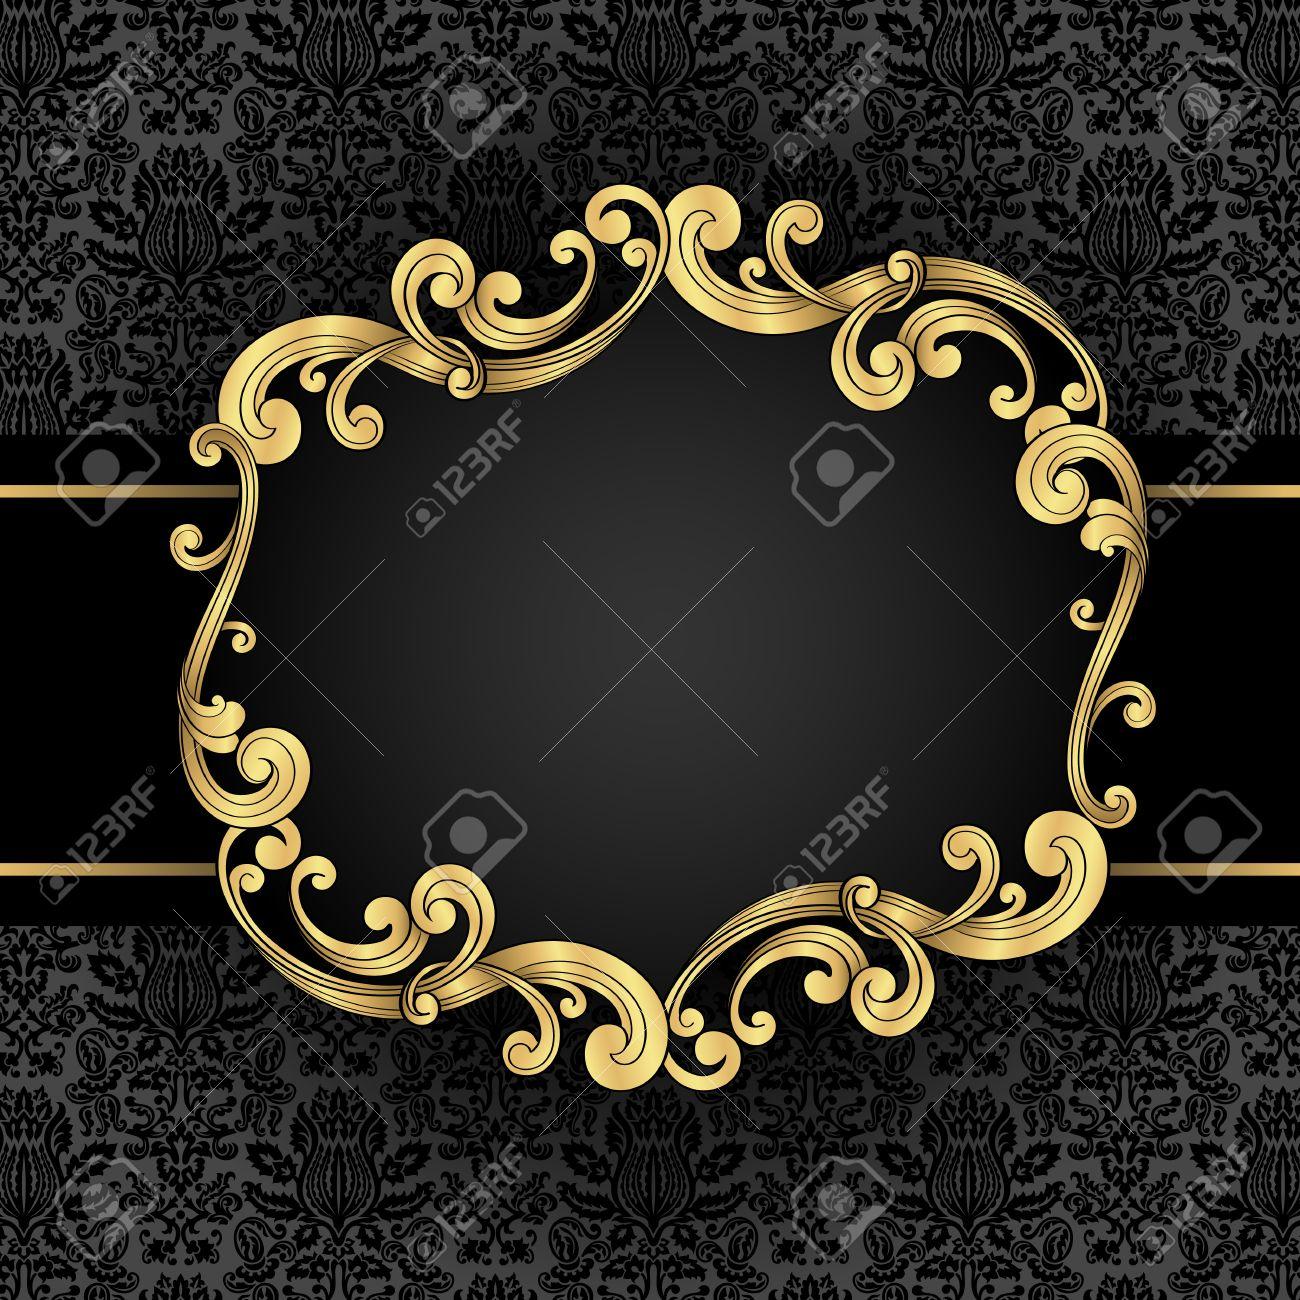 Verzierten Goldrahmen - Gold Verziert, Vintage-Rahmen Mit Nahtlose ...